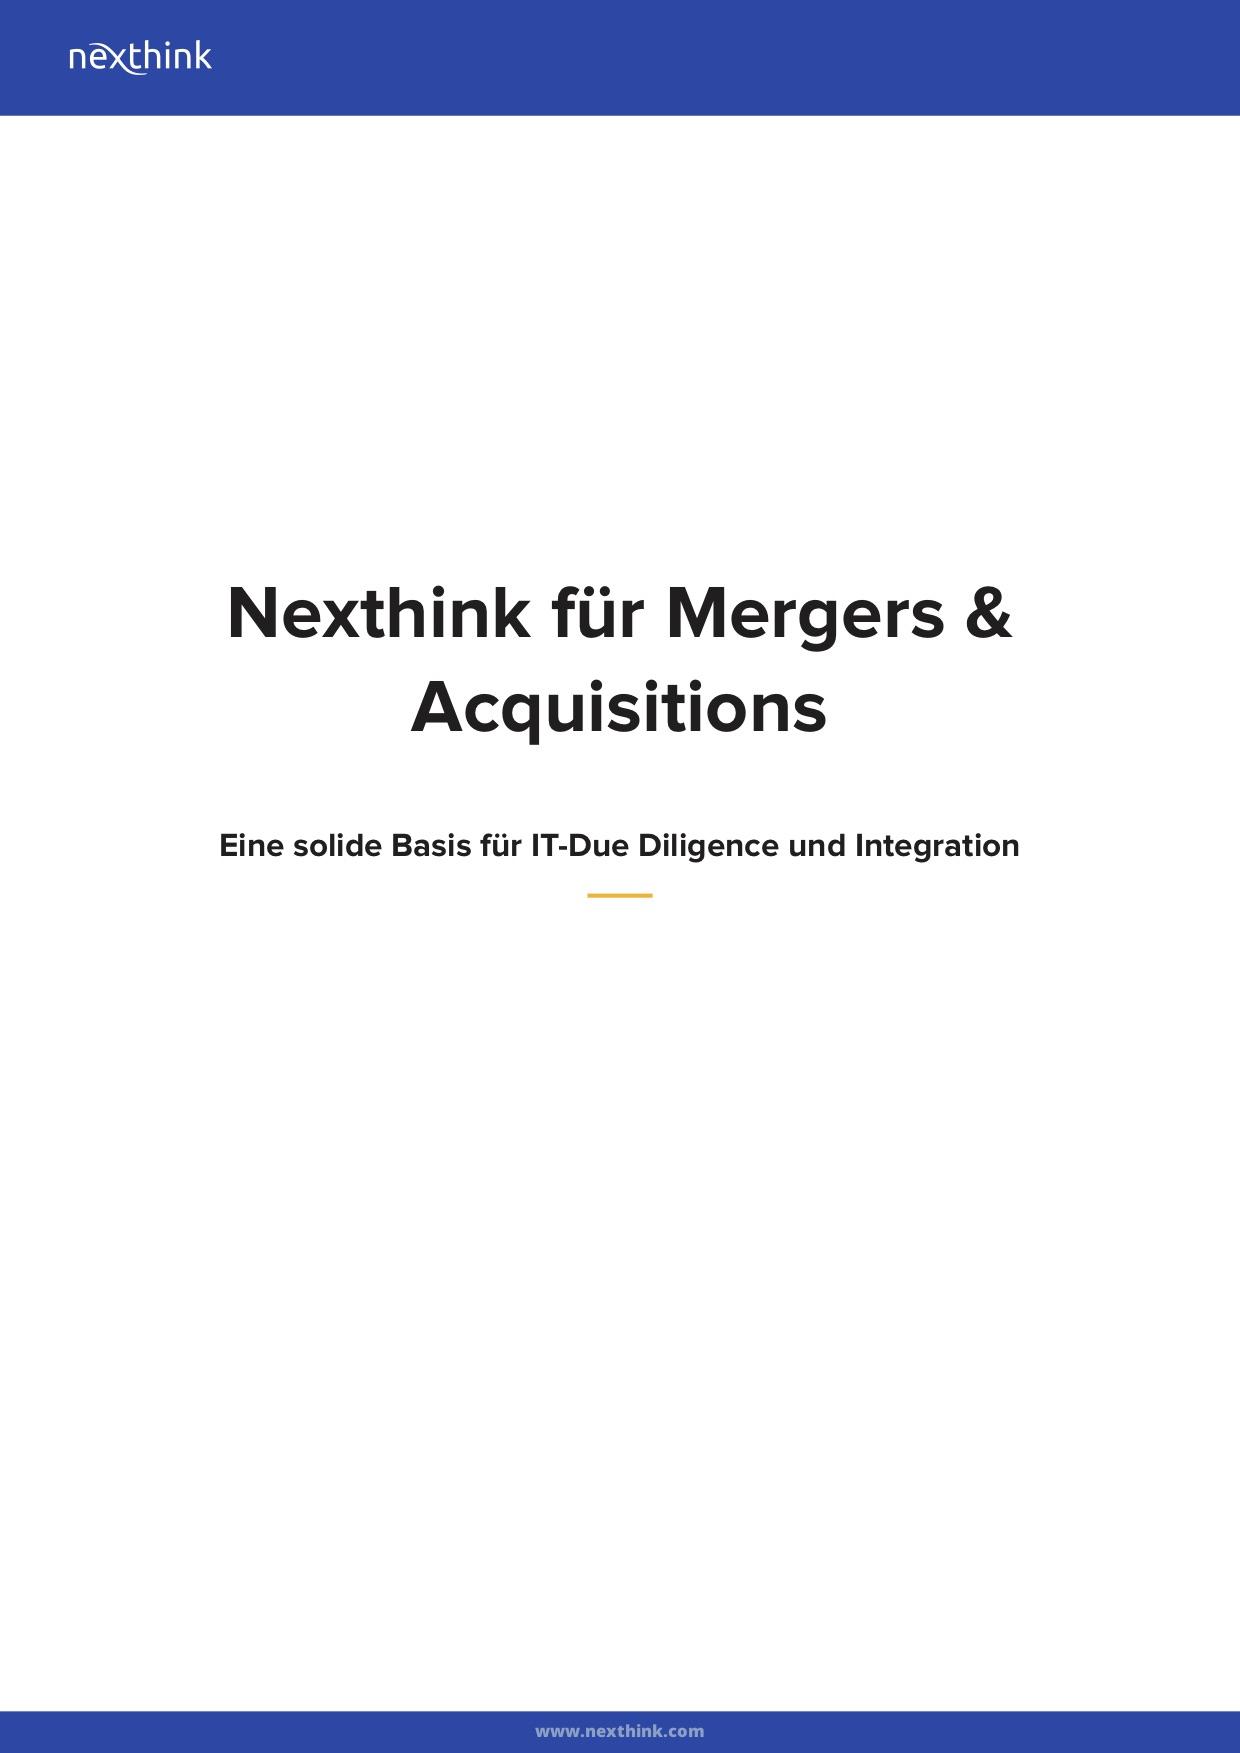 Nexthink für Mergers & Acquisitions: Eine solide Basis für IT-Due Diligence und Integration